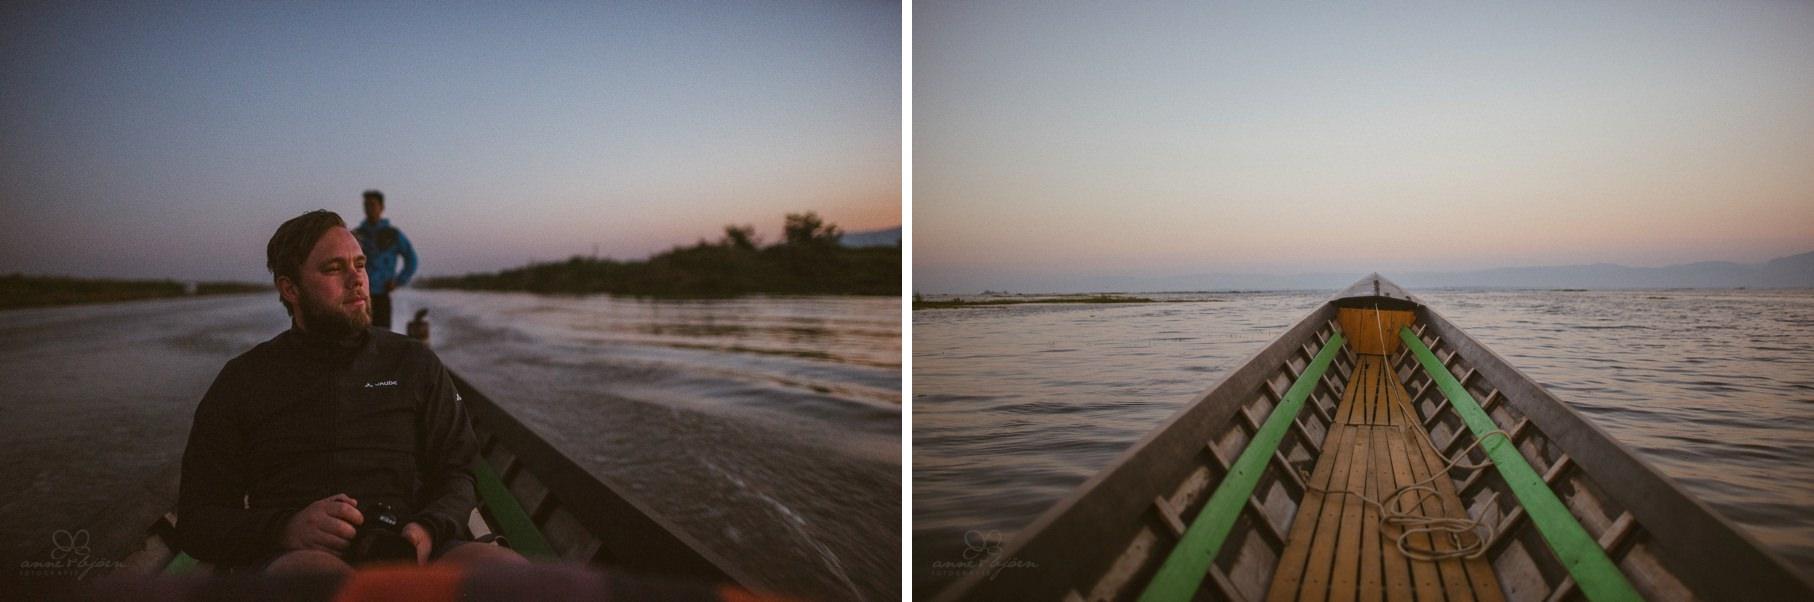 0064 inle lake trekking d76 6236 - Trekking von Kalaw zum Inle-See - Myanmar / Burma